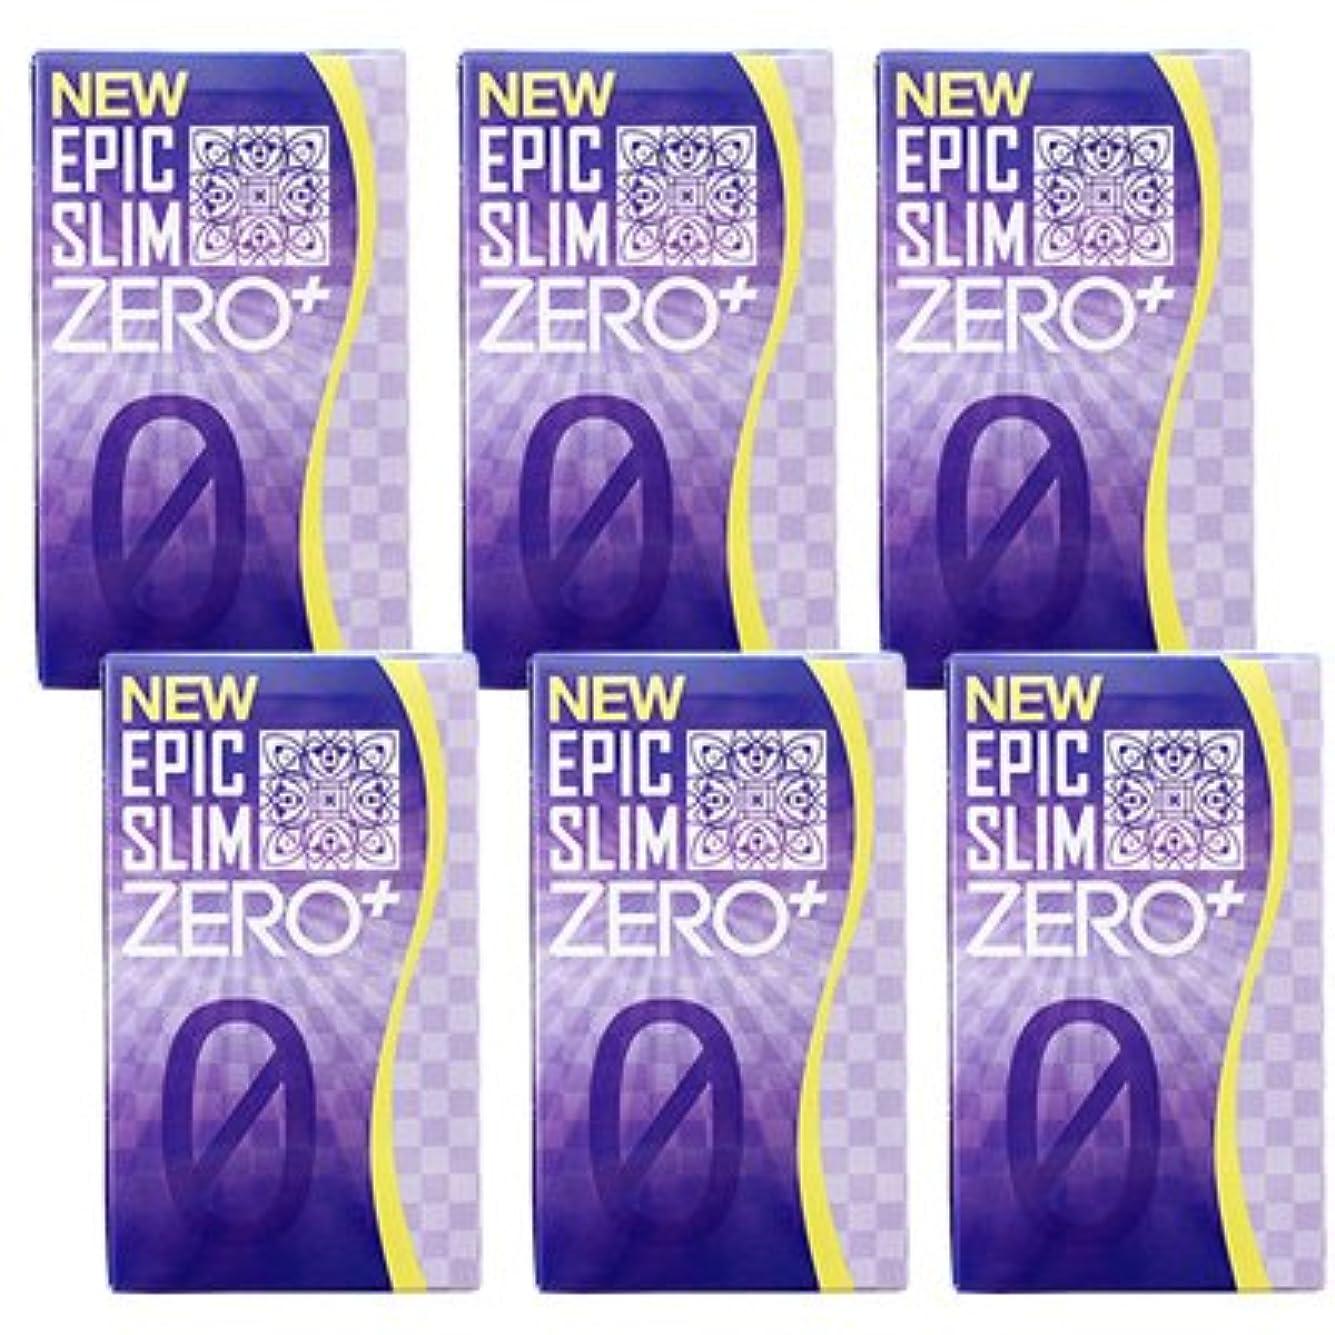 ジャーナルのりジャーナルNEW エピックスリム ゼロ+ 6個セット NEW Epic Slim ZERO PLUS